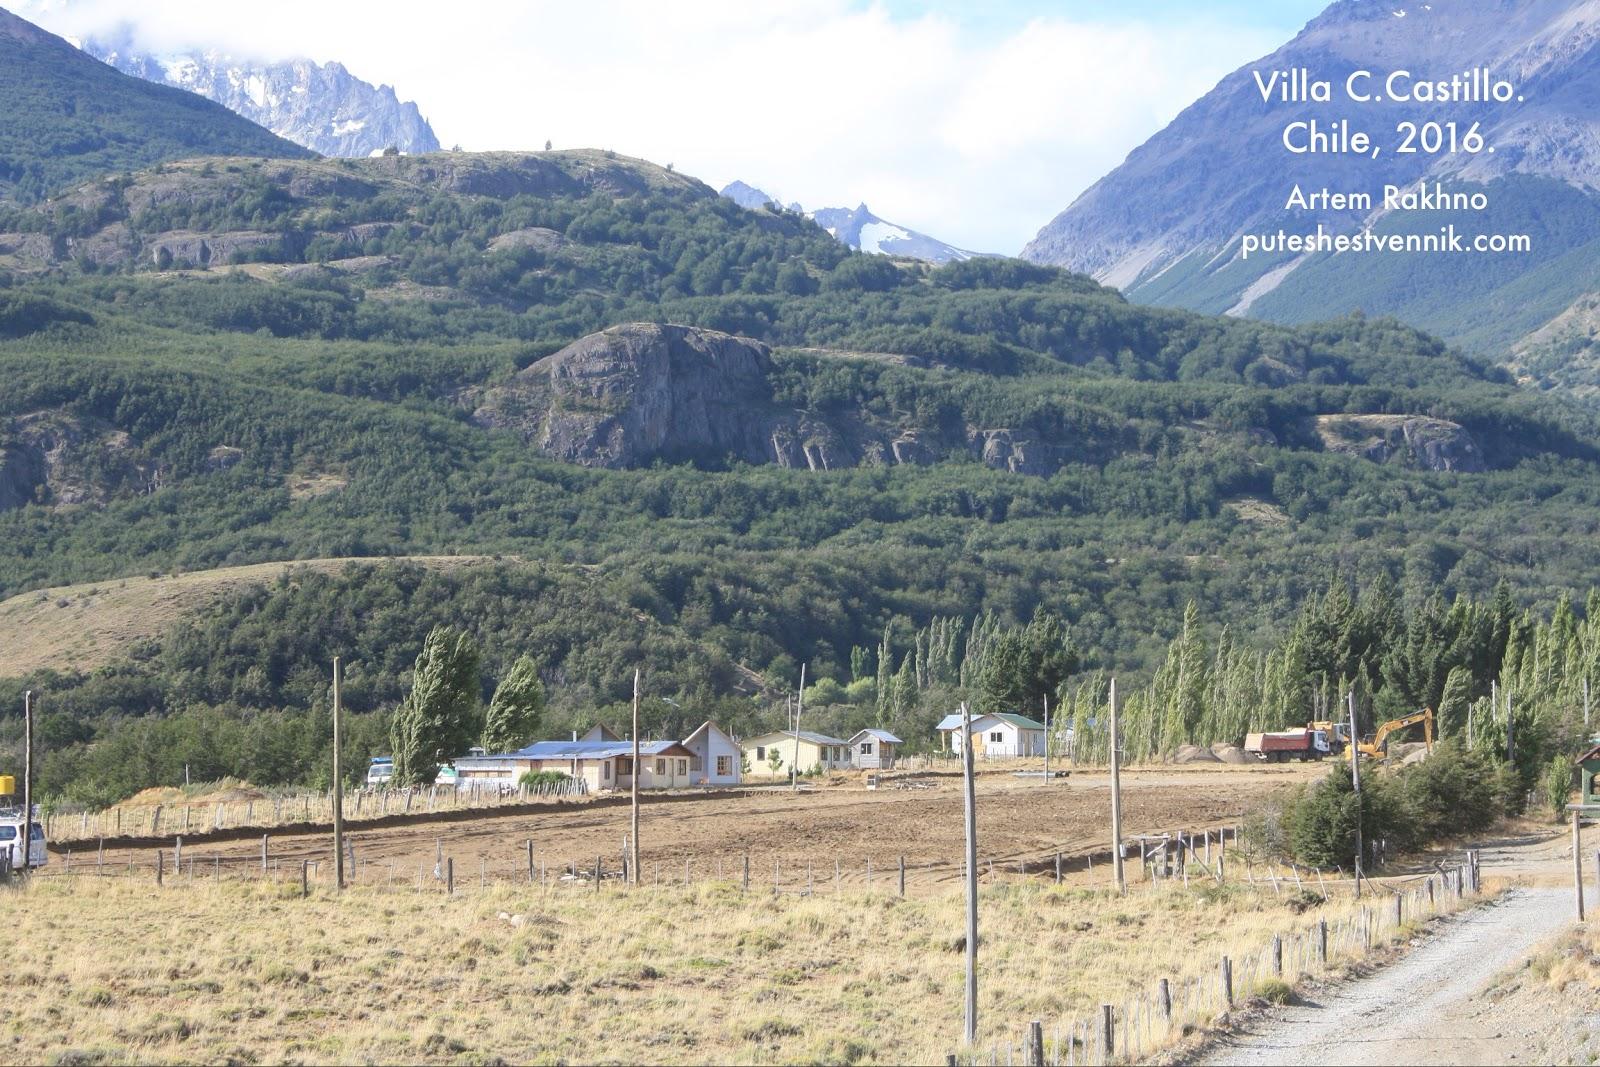 Деревня Вилла Серро Кастильо и окрестные горы